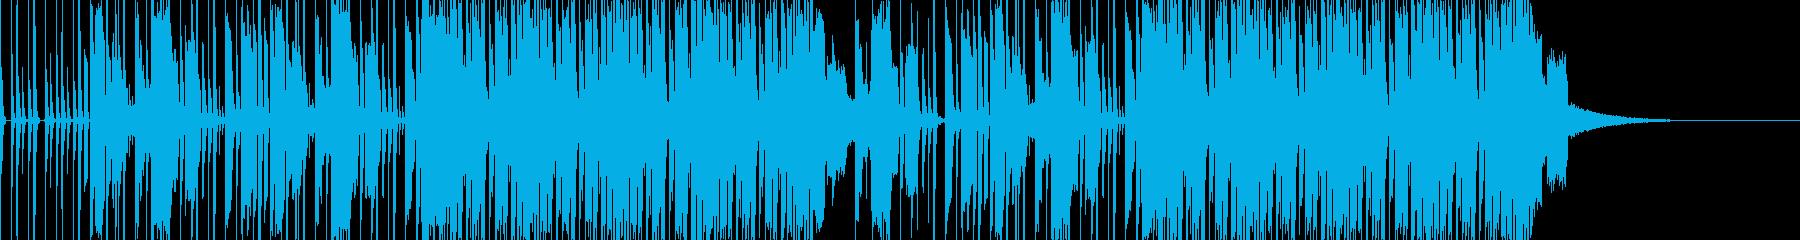 ポップ テクノ ファンク 実験的な...の再生済みの波形